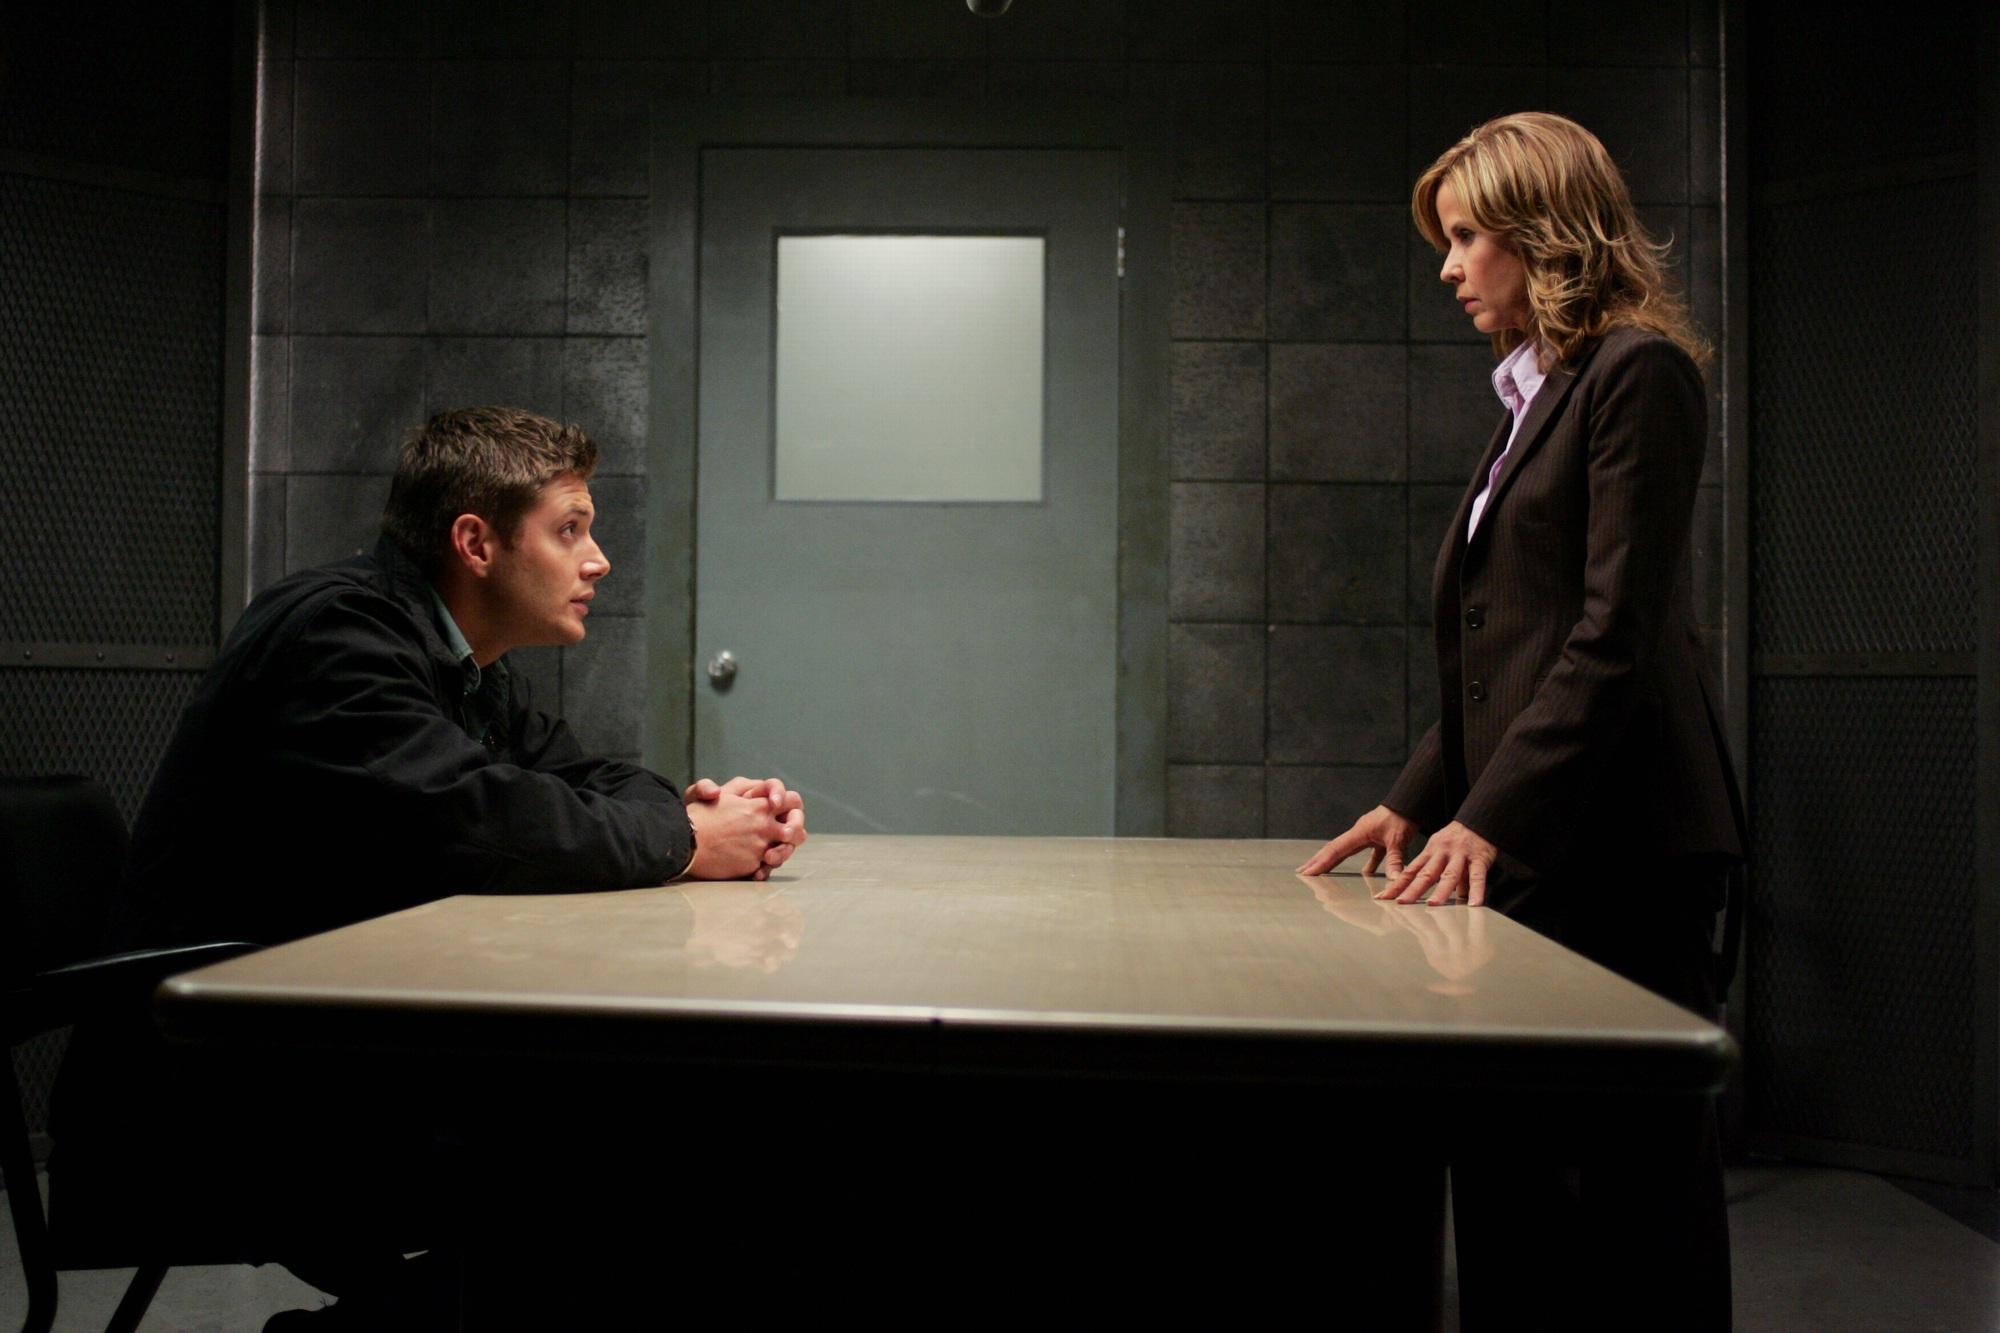 Адвокат у обвиняемого